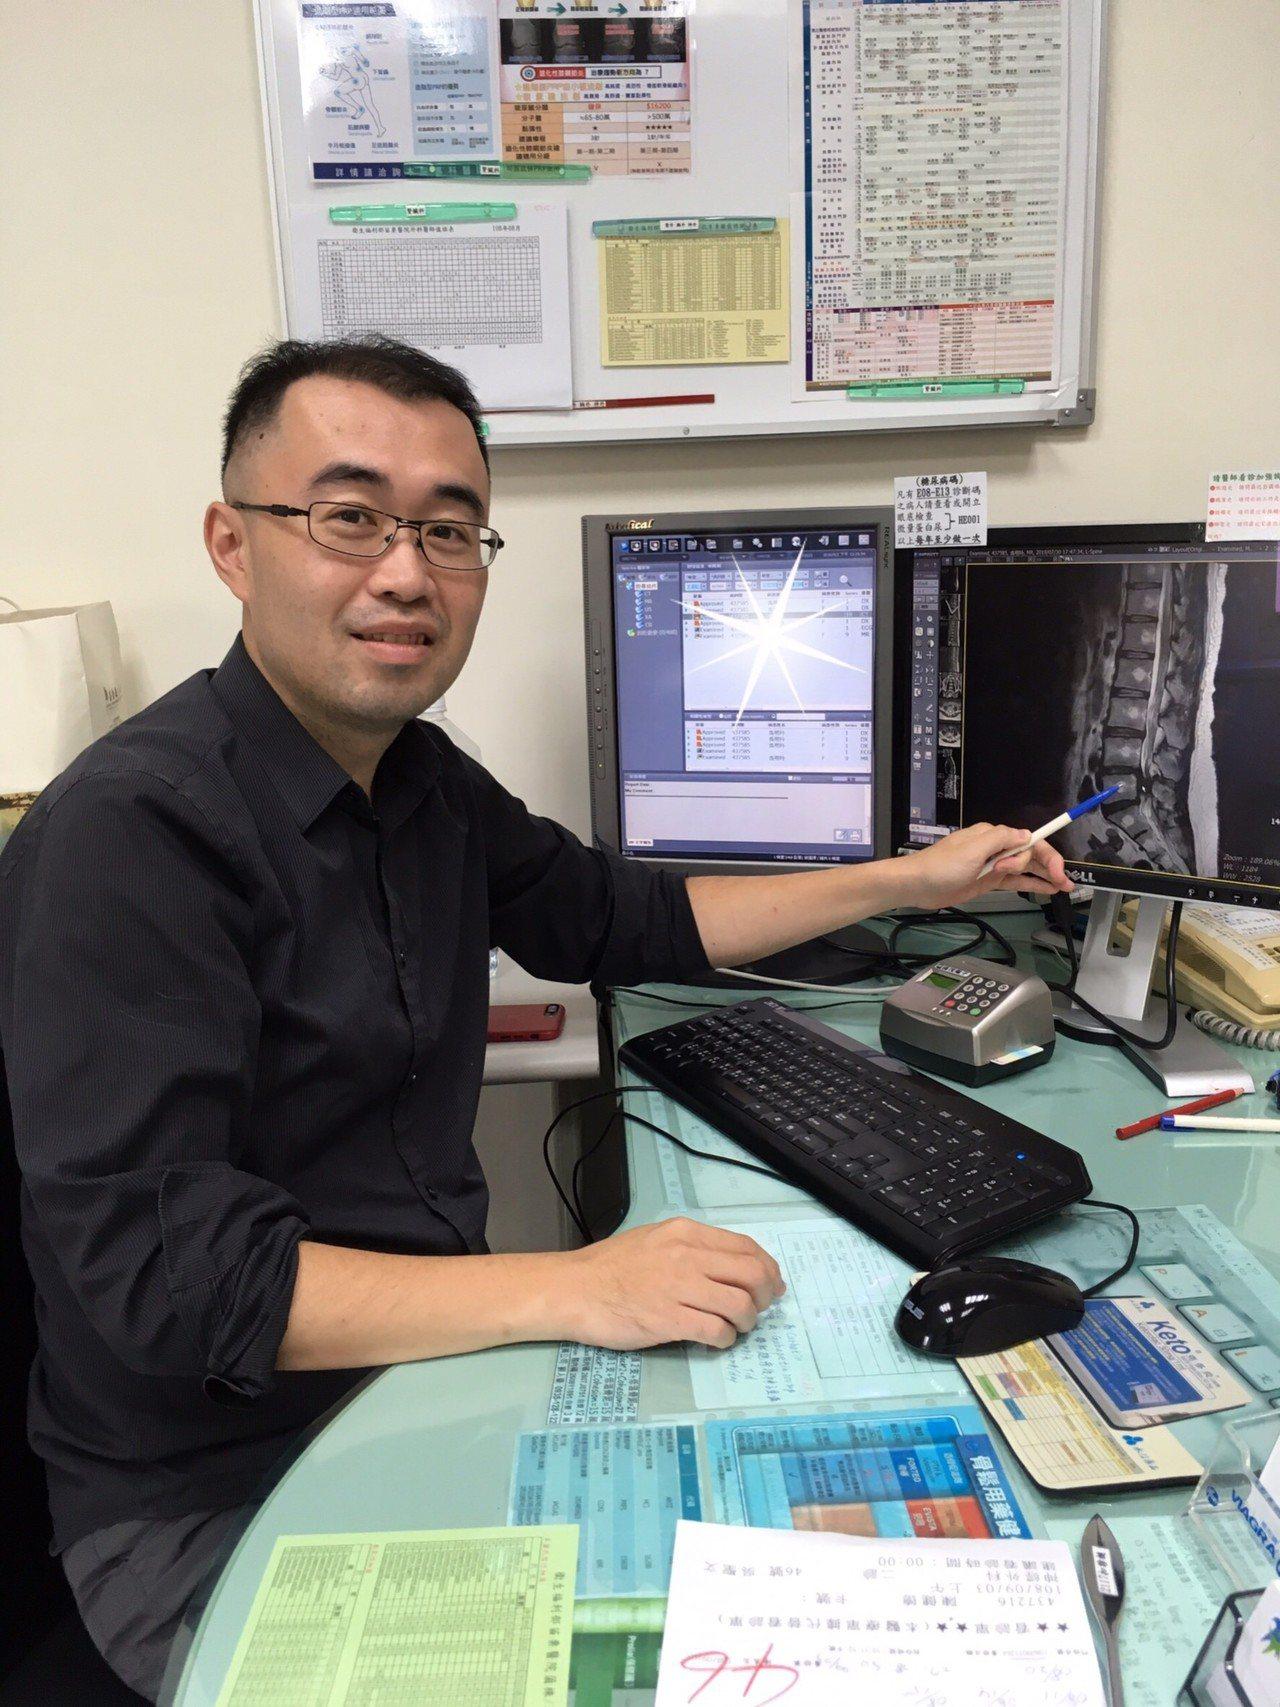 神經外科醫師吳聖文是苗栗縣三義鄉人,去年返鄉服務。圖/衛生福利部苗栗醫院提供